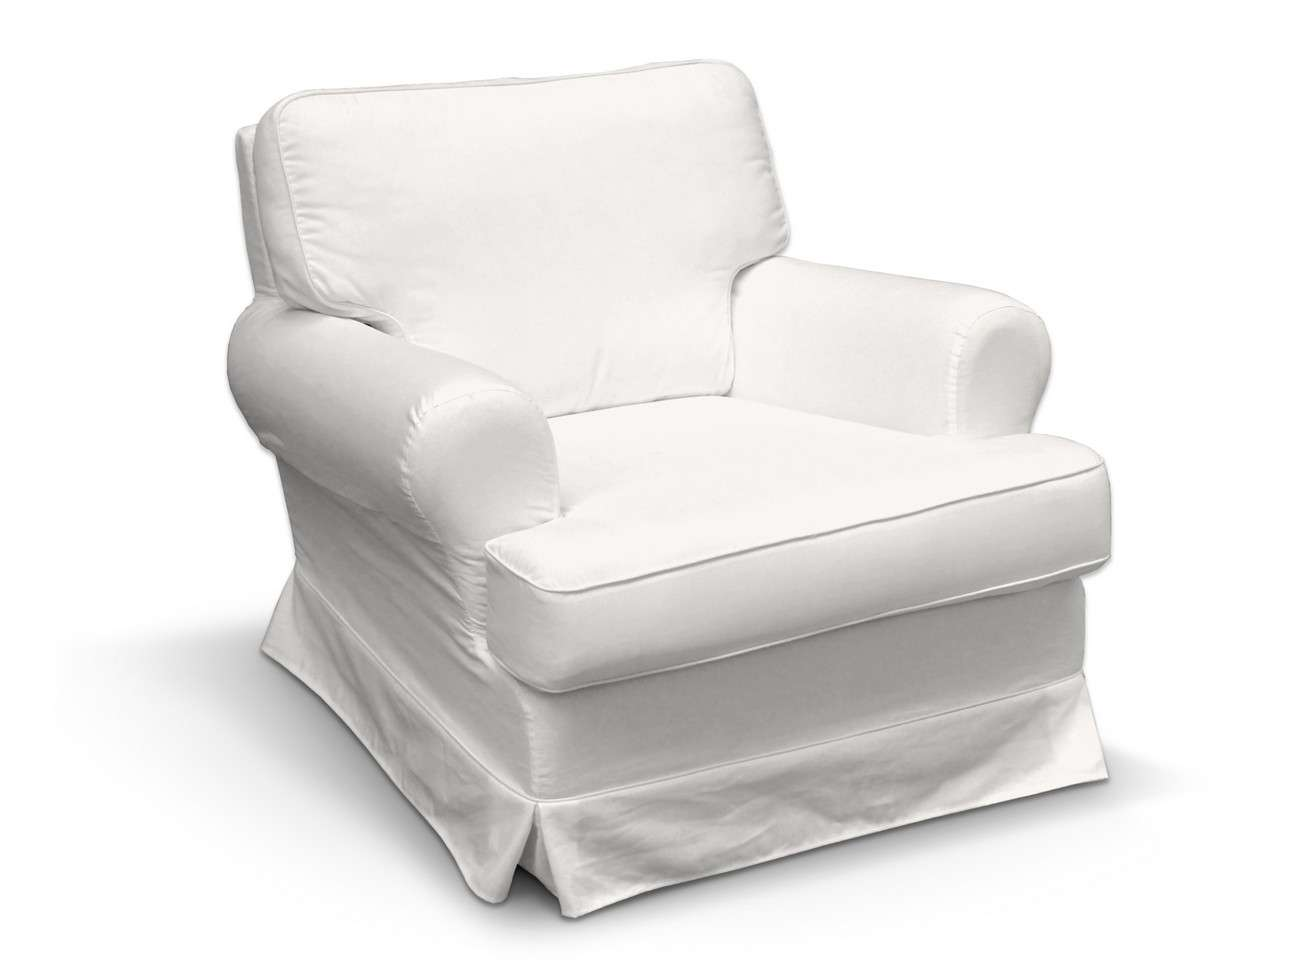 Pokrowiec na fotel Barkaby fotel Barkaby w kolekcji Cotton Panama, tkanina: 702-34